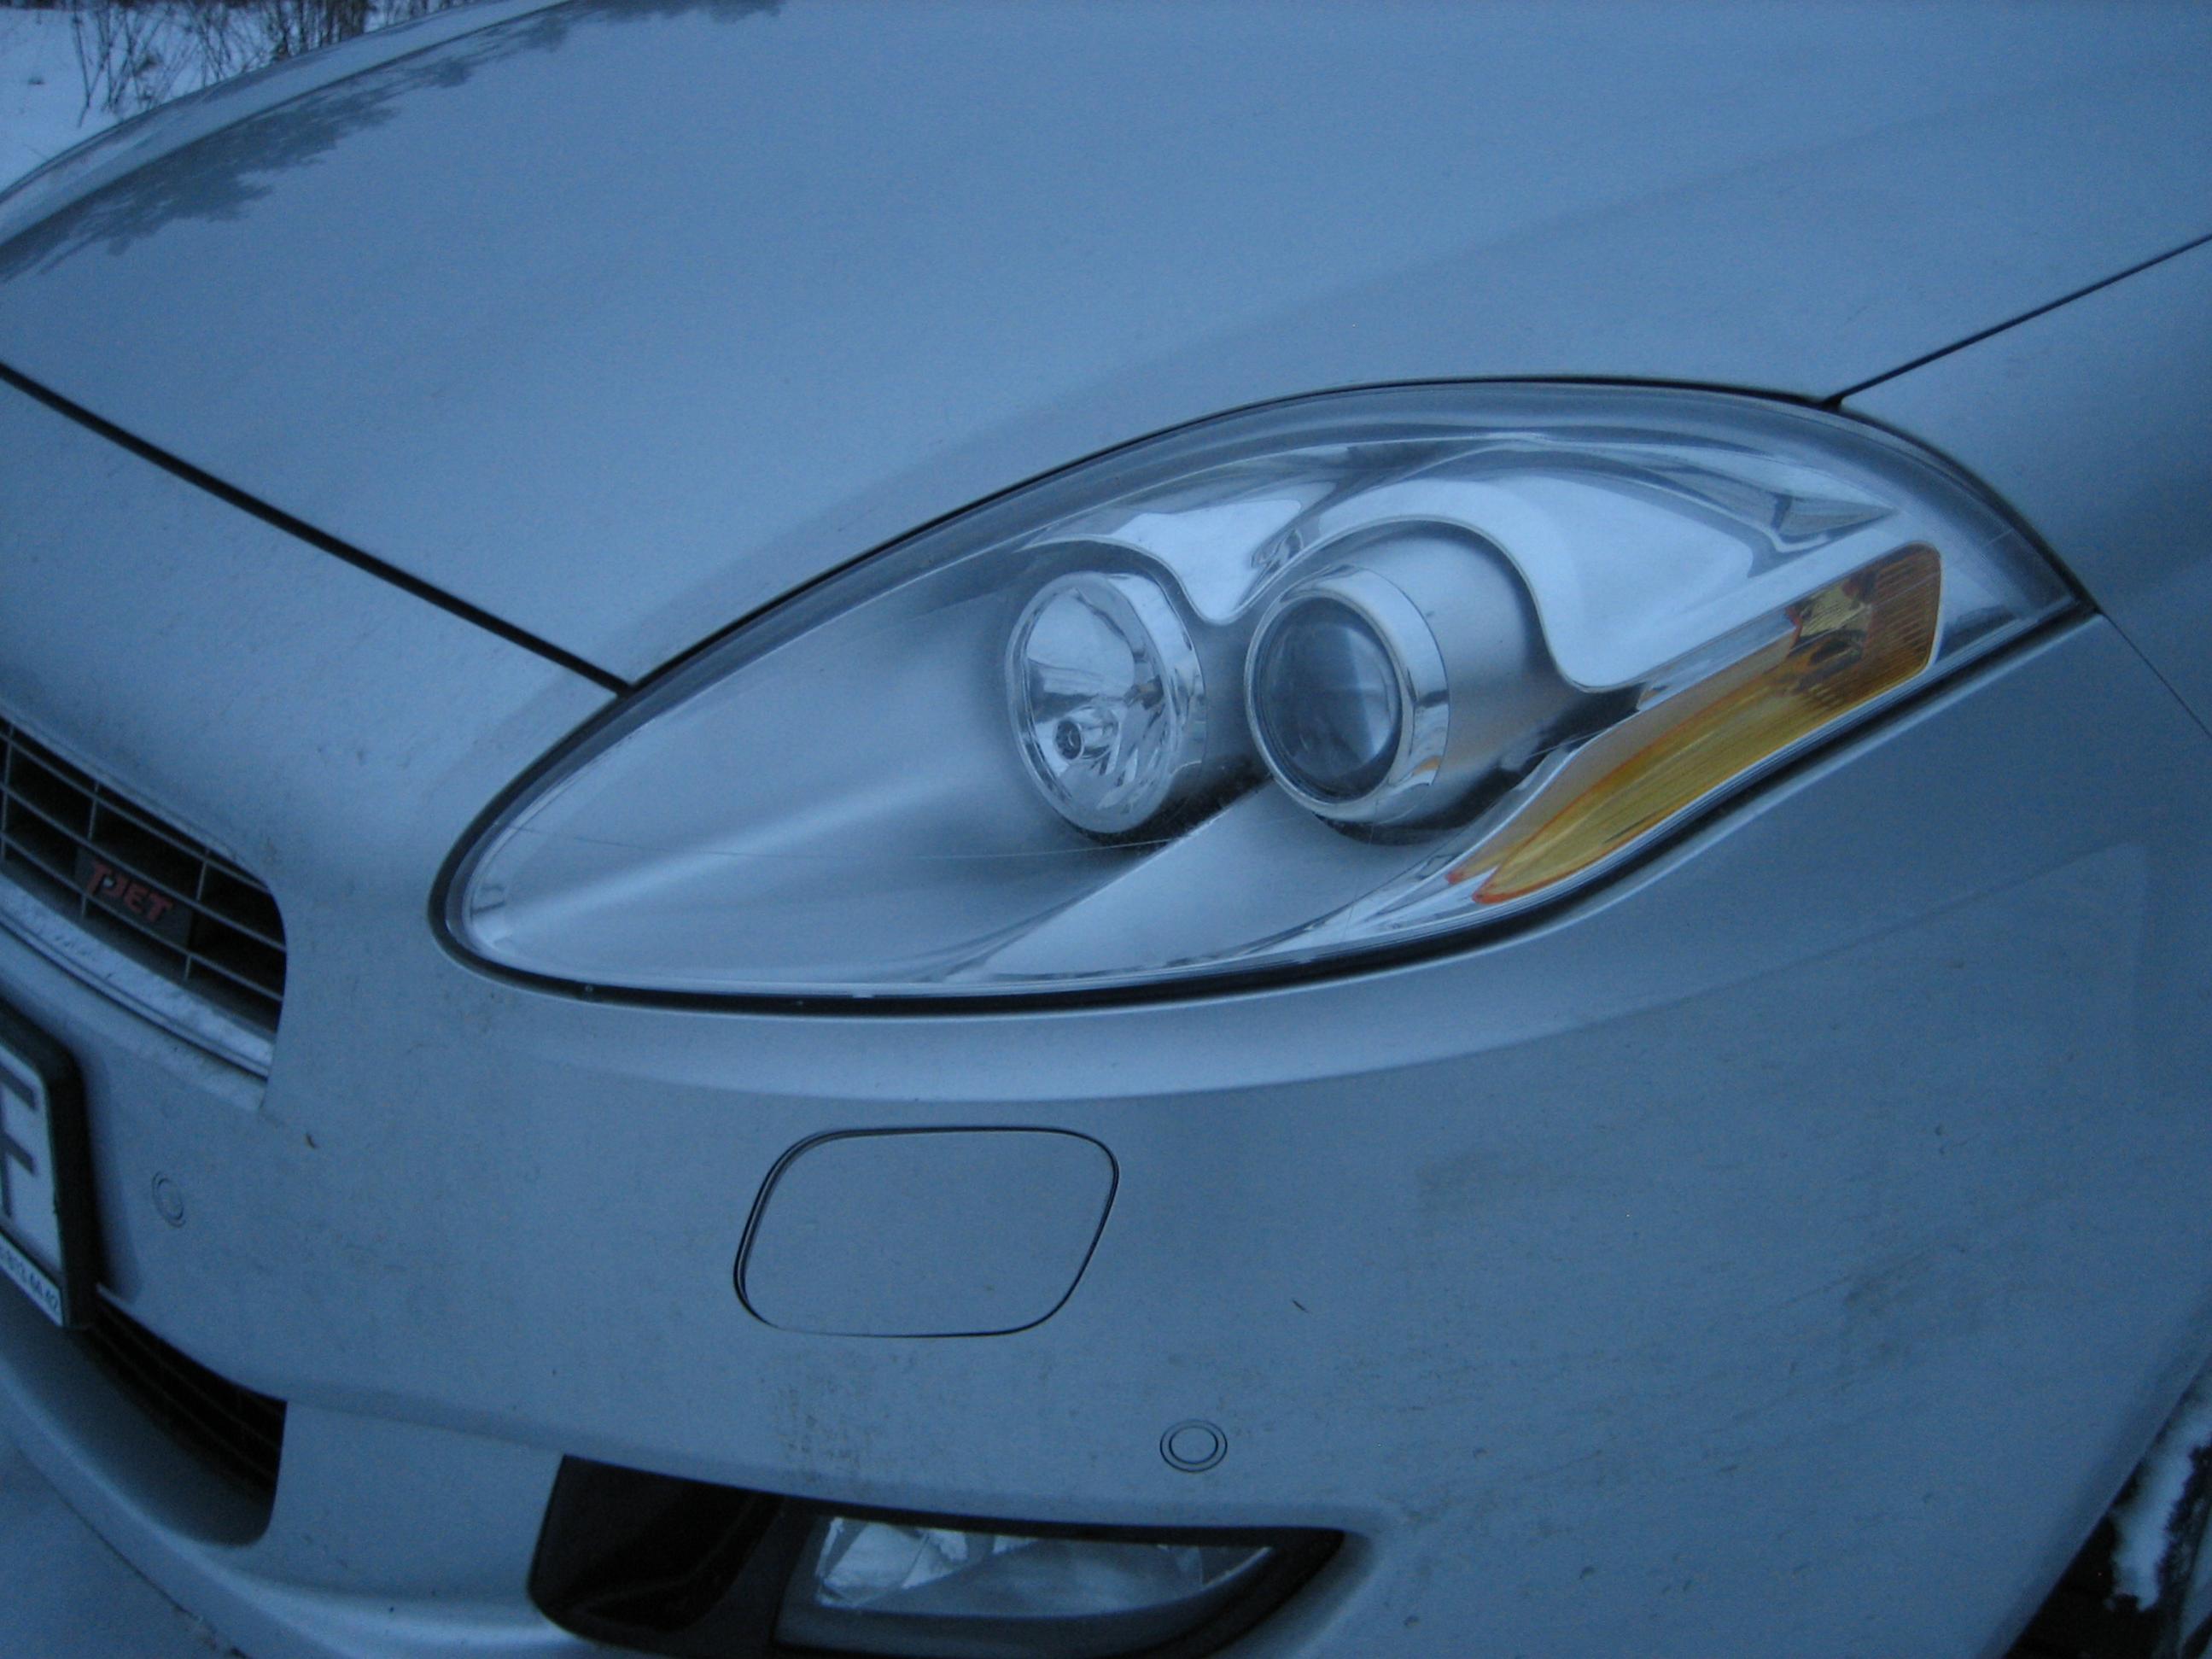 Kliknij w obrazek, aby zobaczyć większą wersję  Nazwa:2010-12-12_Fiat_Bravo 1.4 T-Jet 150KM Sport - SB0413F_015.jpg Wyświetleń:156 Rozmiar:361.8 KB ID:715